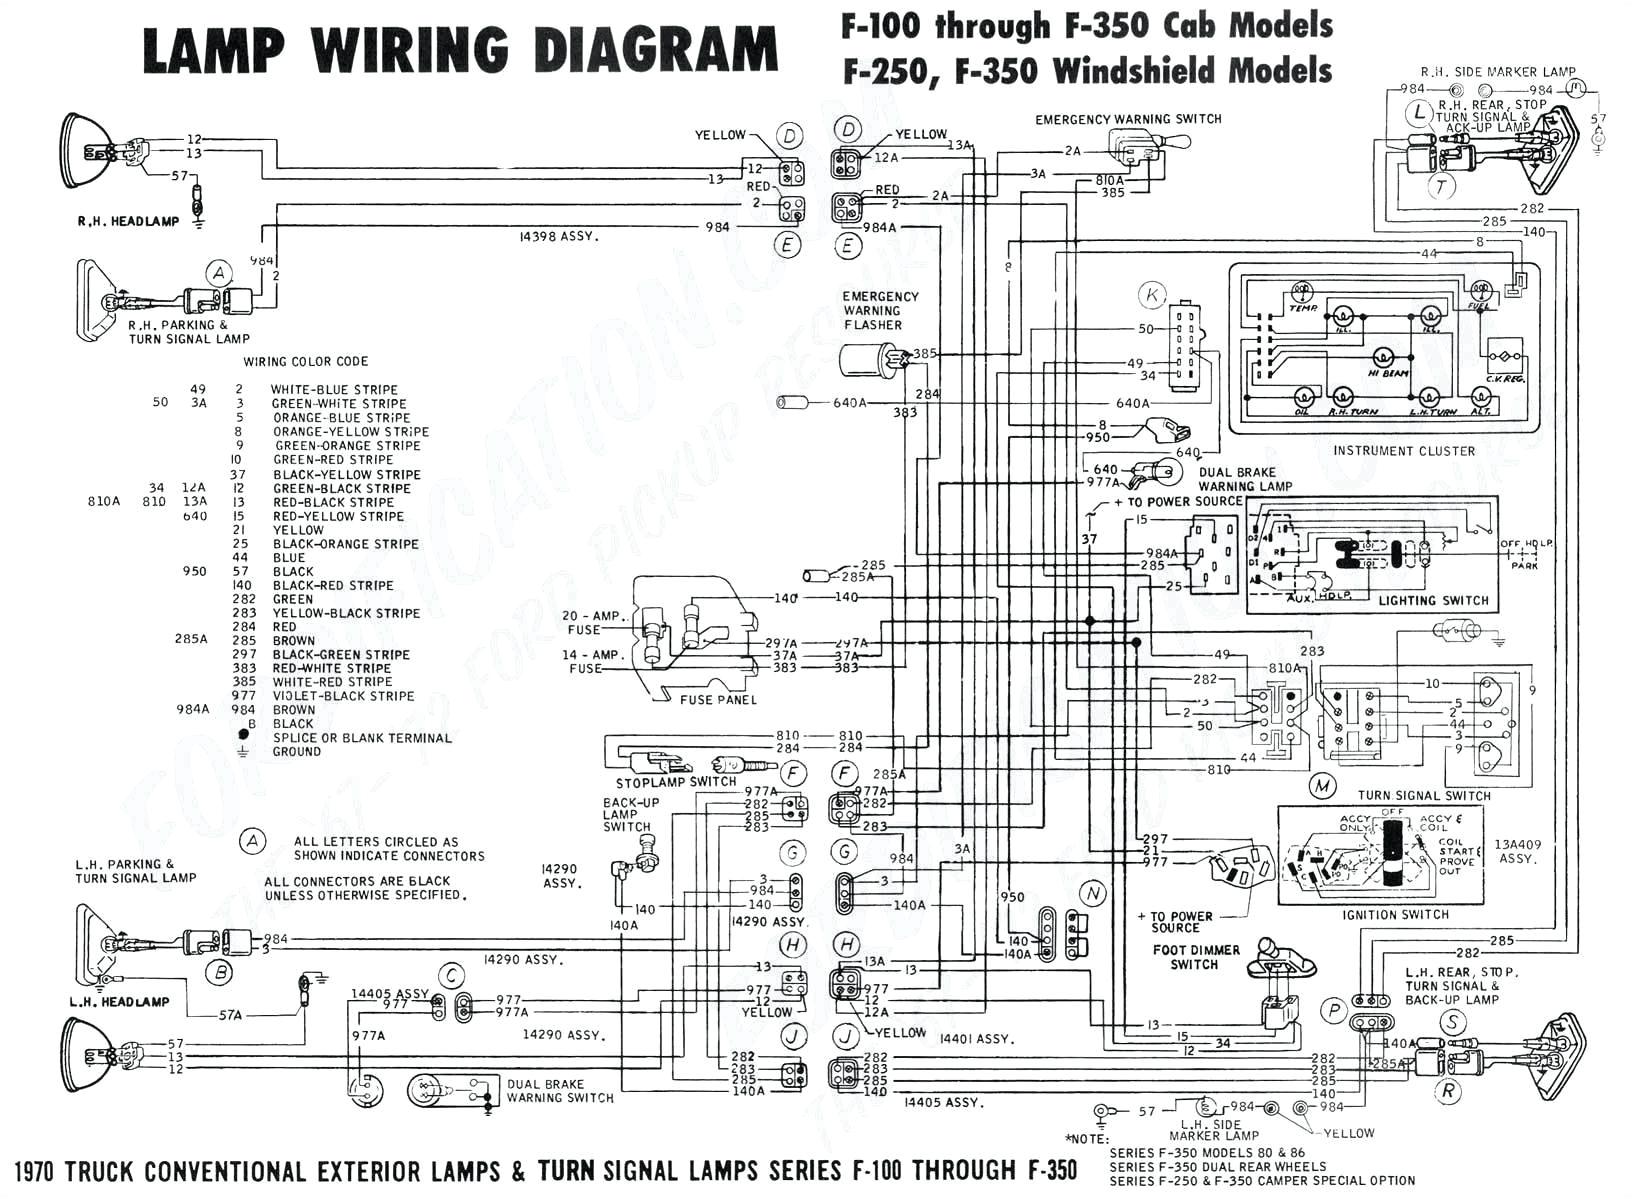 fan relay wiring diagram f250 wiring diagram factory 2006 ford f350 wiring diagrams wiring diagram post2006